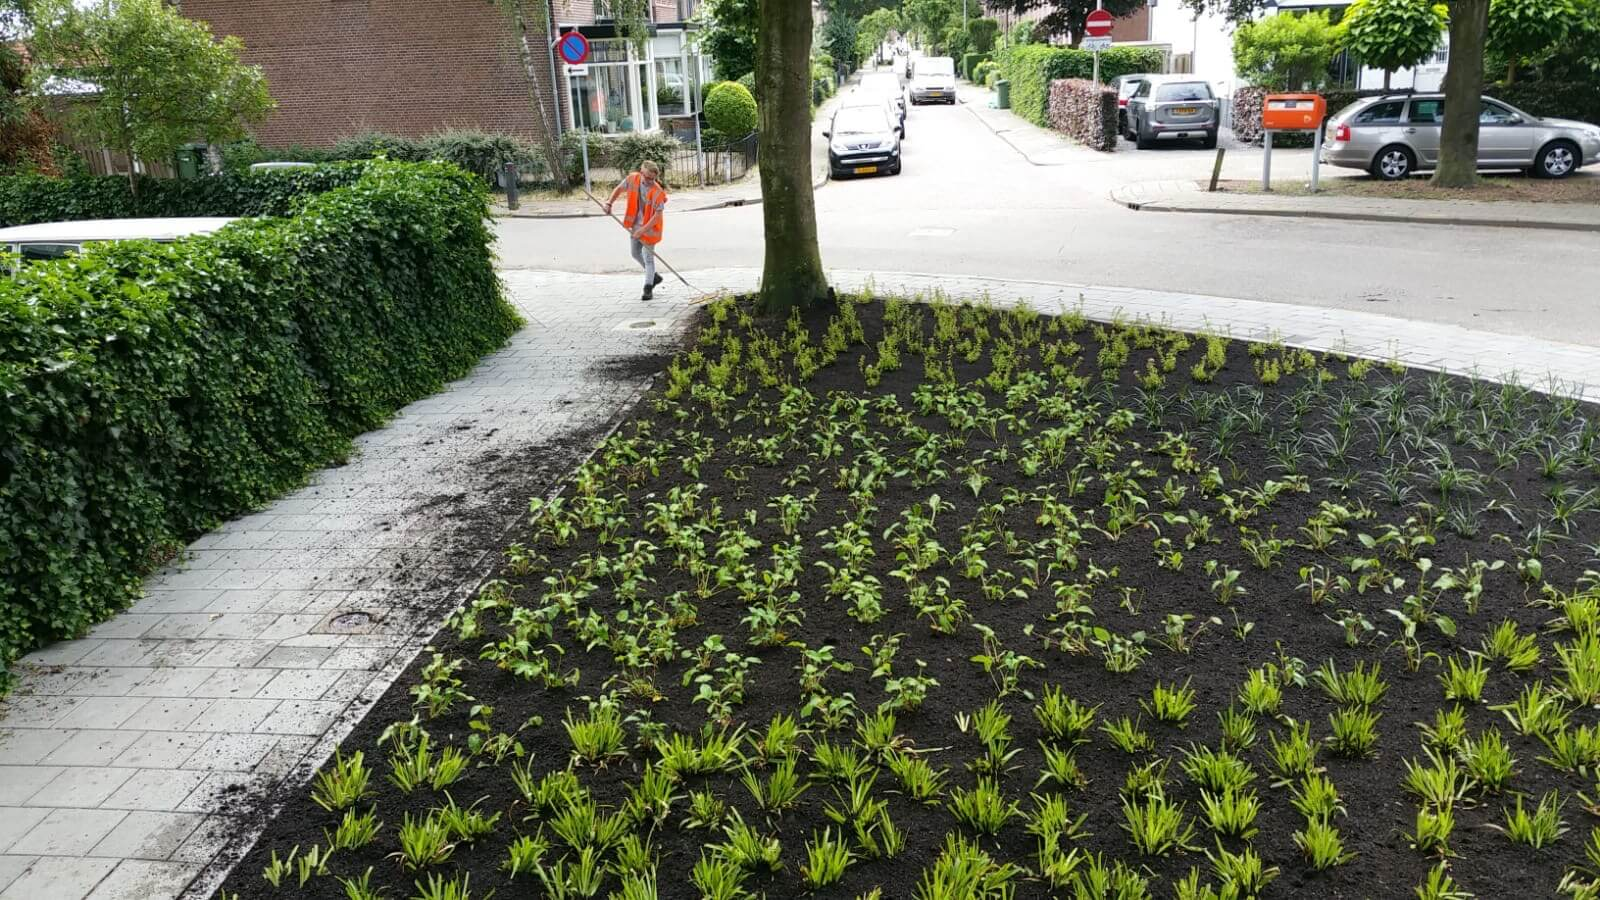 Hoefakker buitenruimte beplanting Zeist Bergweg (12)